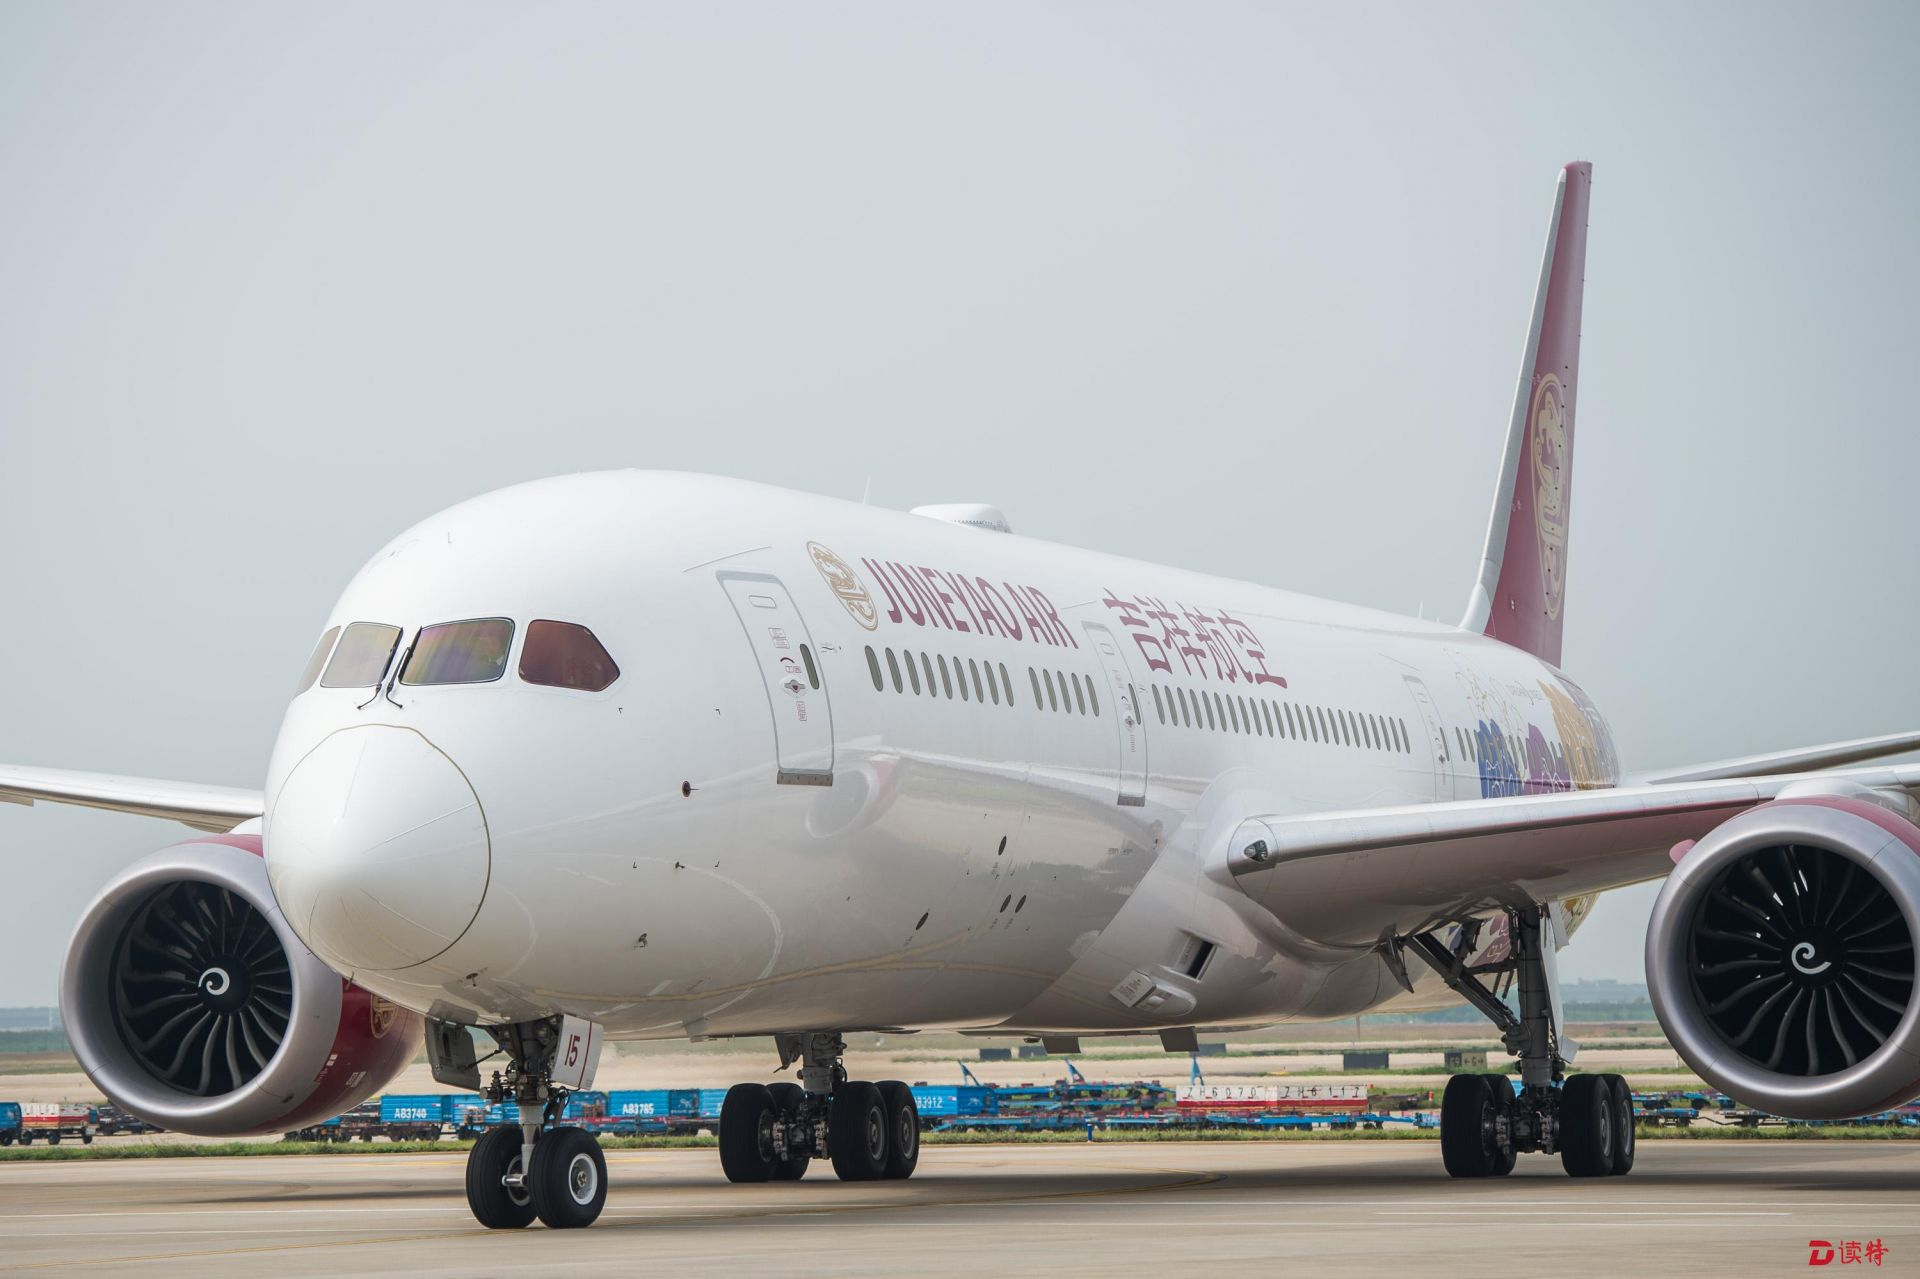 上海-深圳成为国内最繁忙航线 吉祥航空首架787梦想客机加入